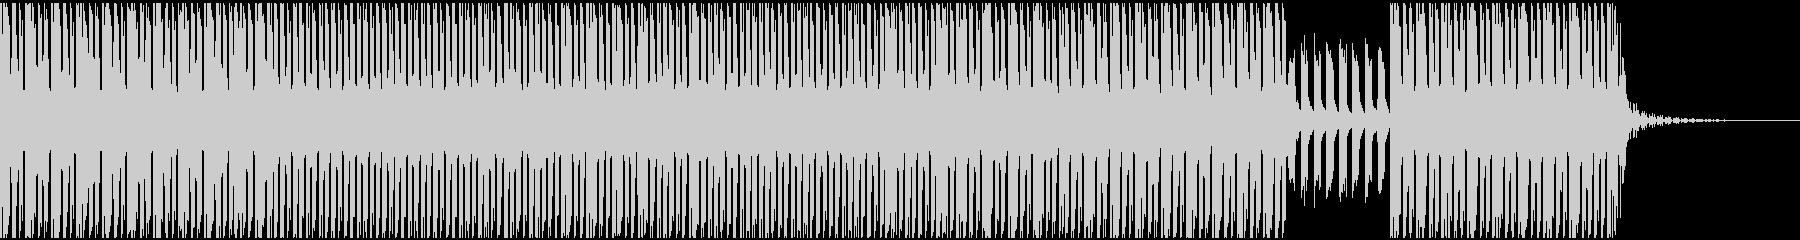 チェロのかすれ音(テクノベース)の未再生の波形